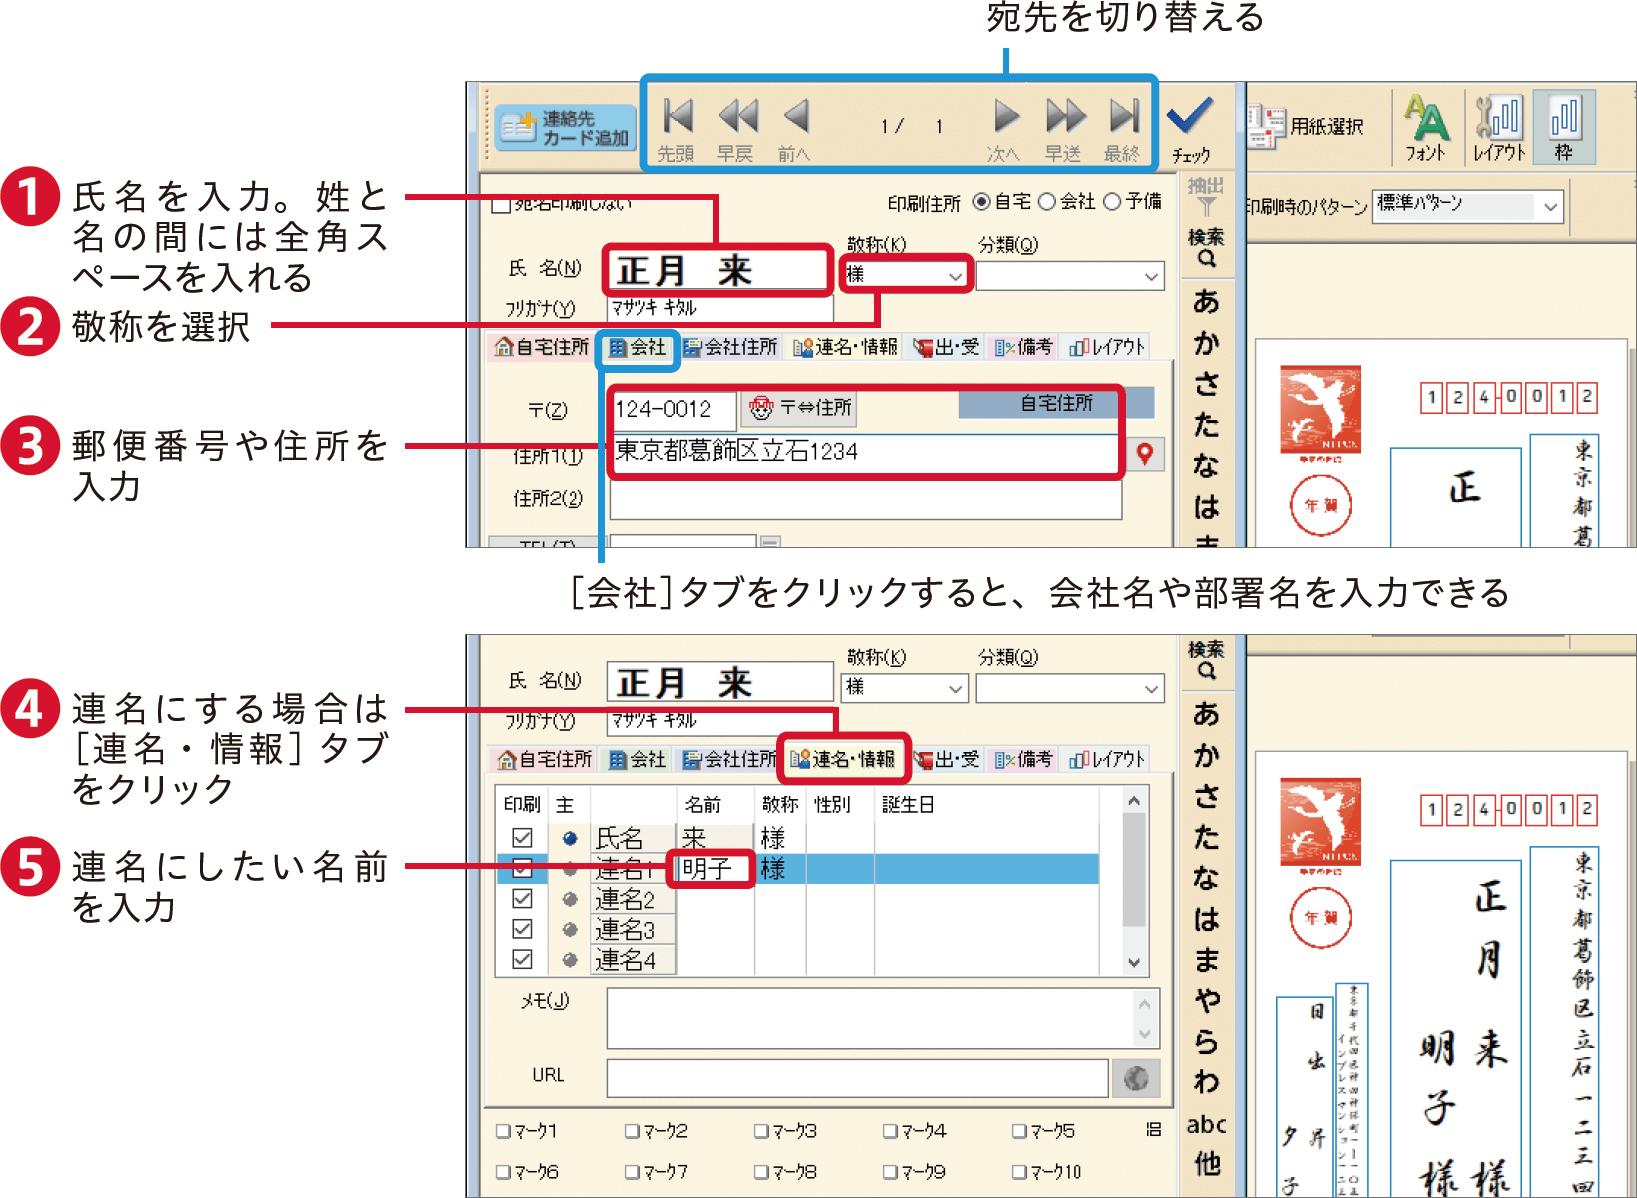 筆まめVer.30の使い方:住所録を作成する